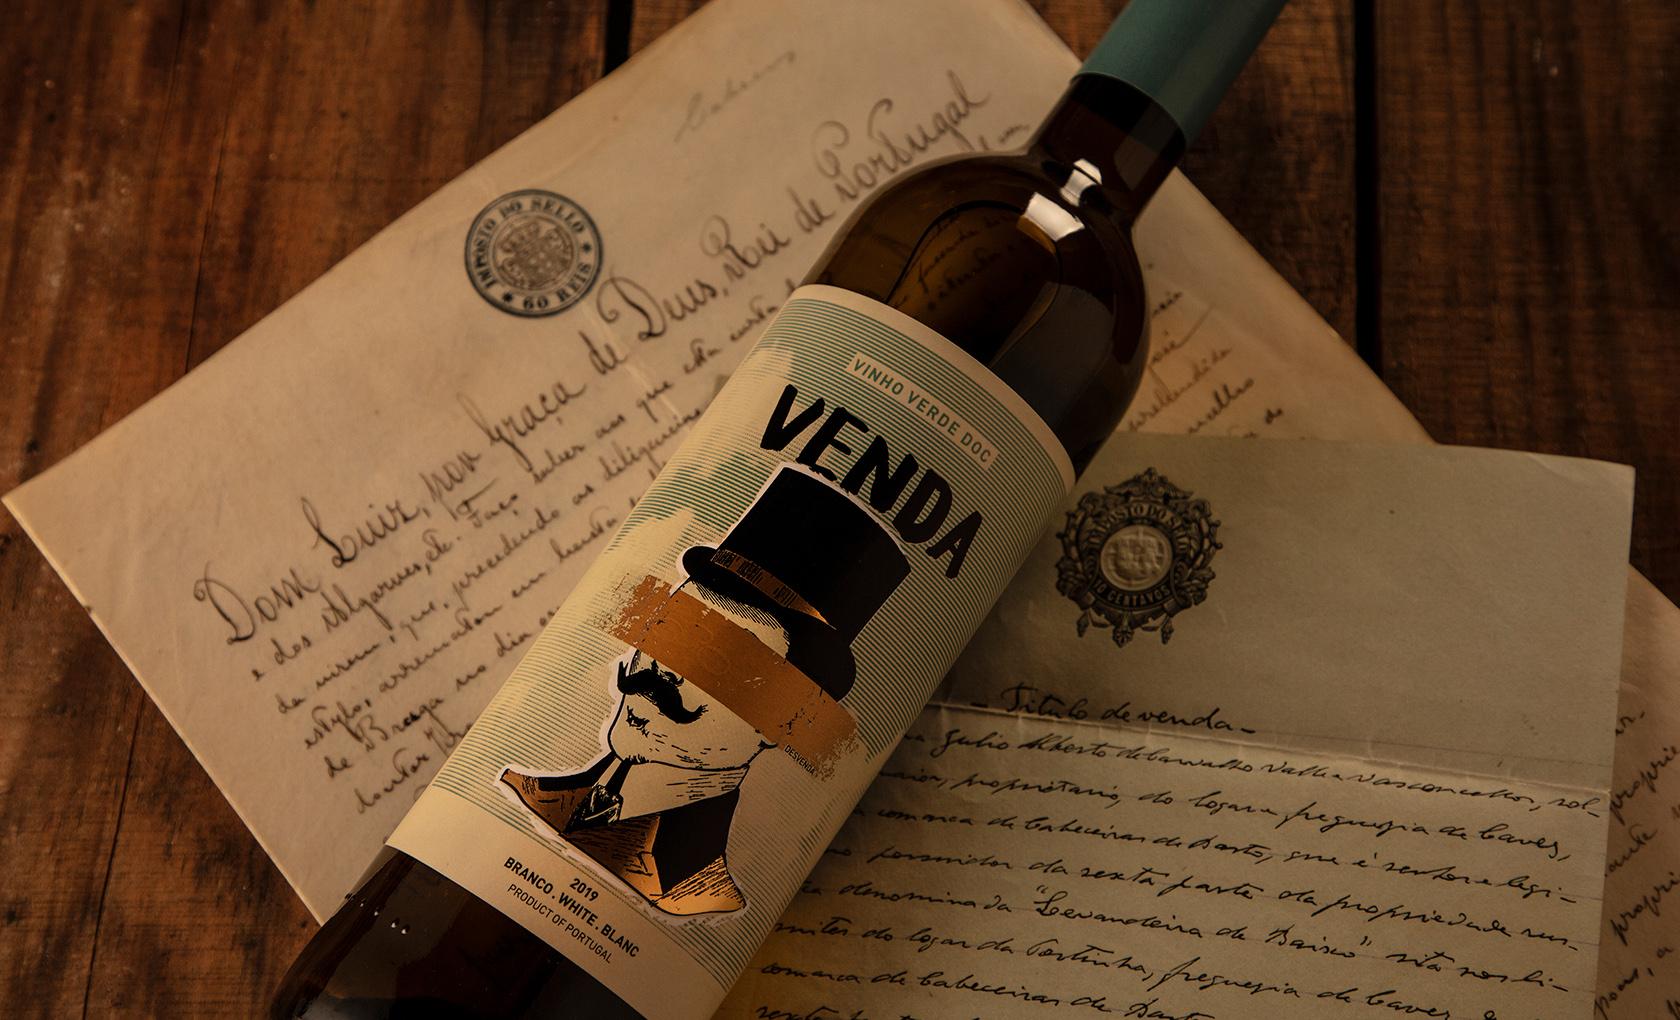 New Label Design for Venda Wine from Quinta da Venda by M&A Creative Agency